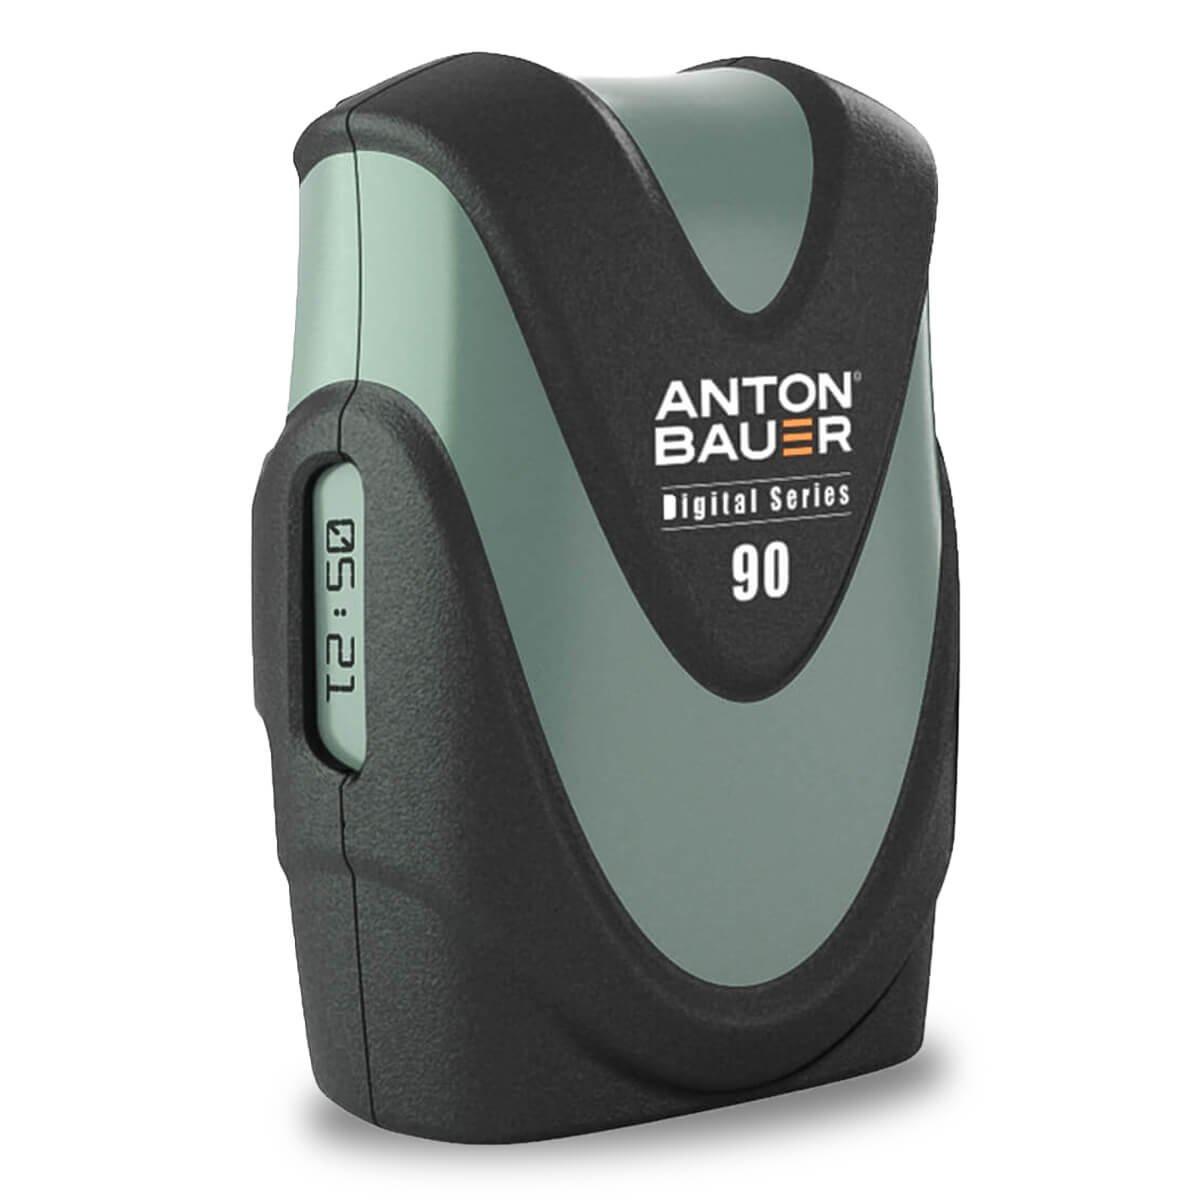 Anton Bauerデジタル90リチウムイオンゴールドマウント電池 14.4V 89Wh B00KHR6BC2